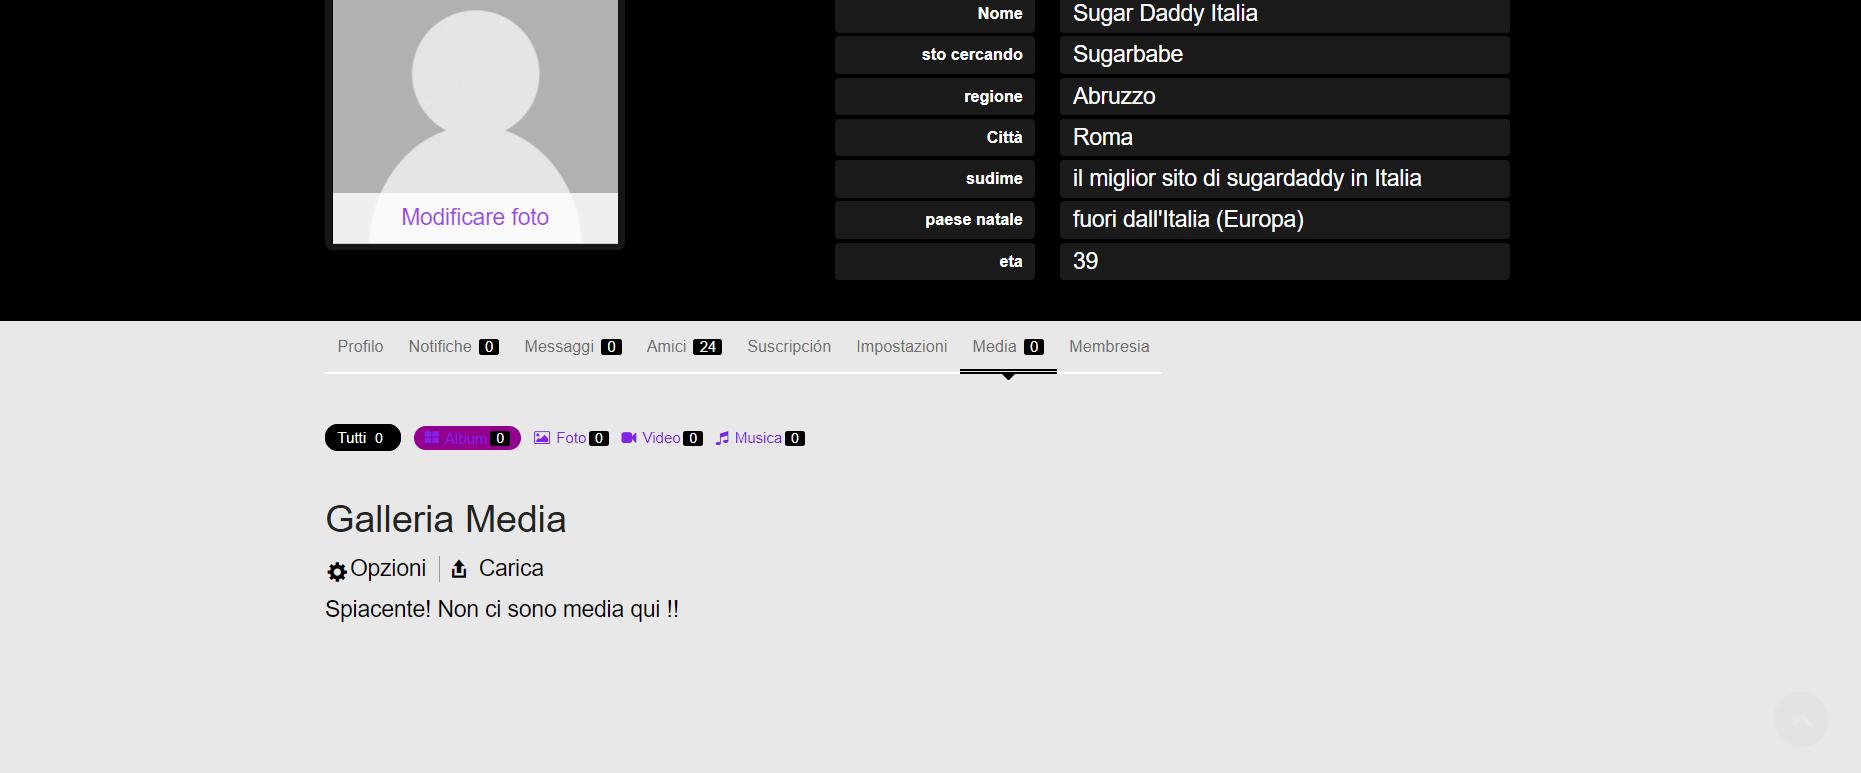 Screenshot in cui l'utente può inserire più foto e video all'interno del social network per il proprio profilo utente.